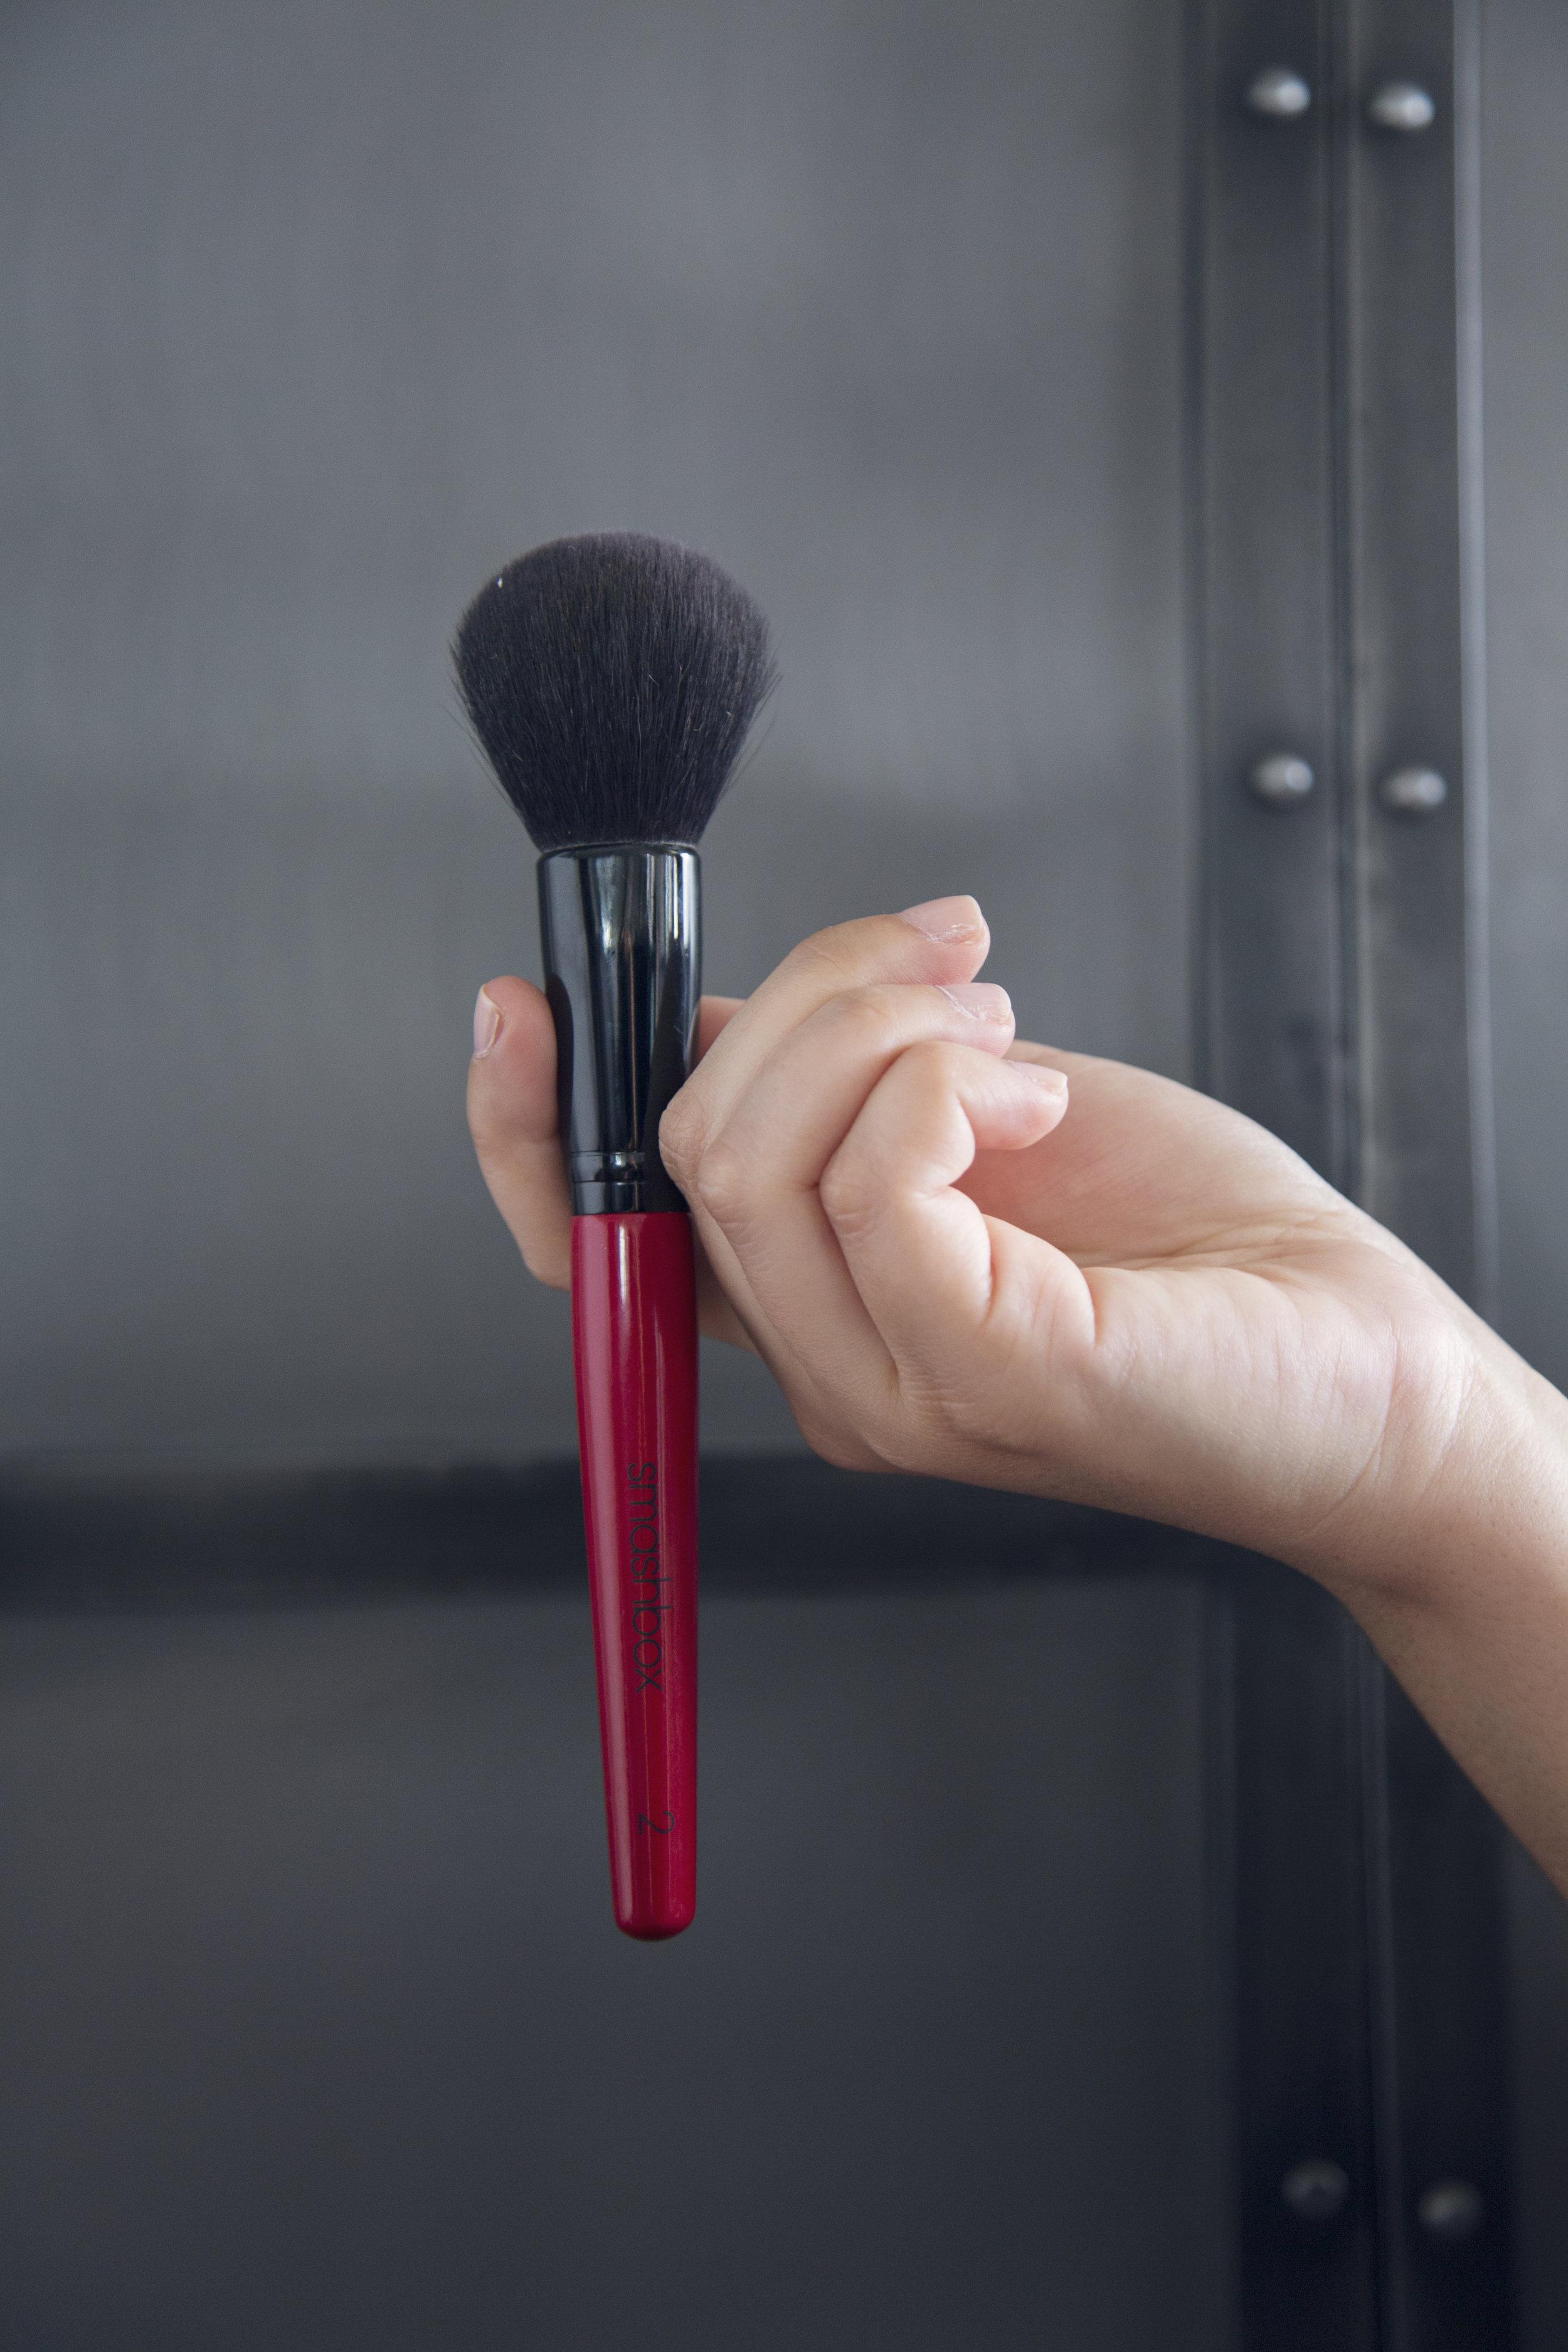 SMASHBOX favorite powder brush to set your makeup